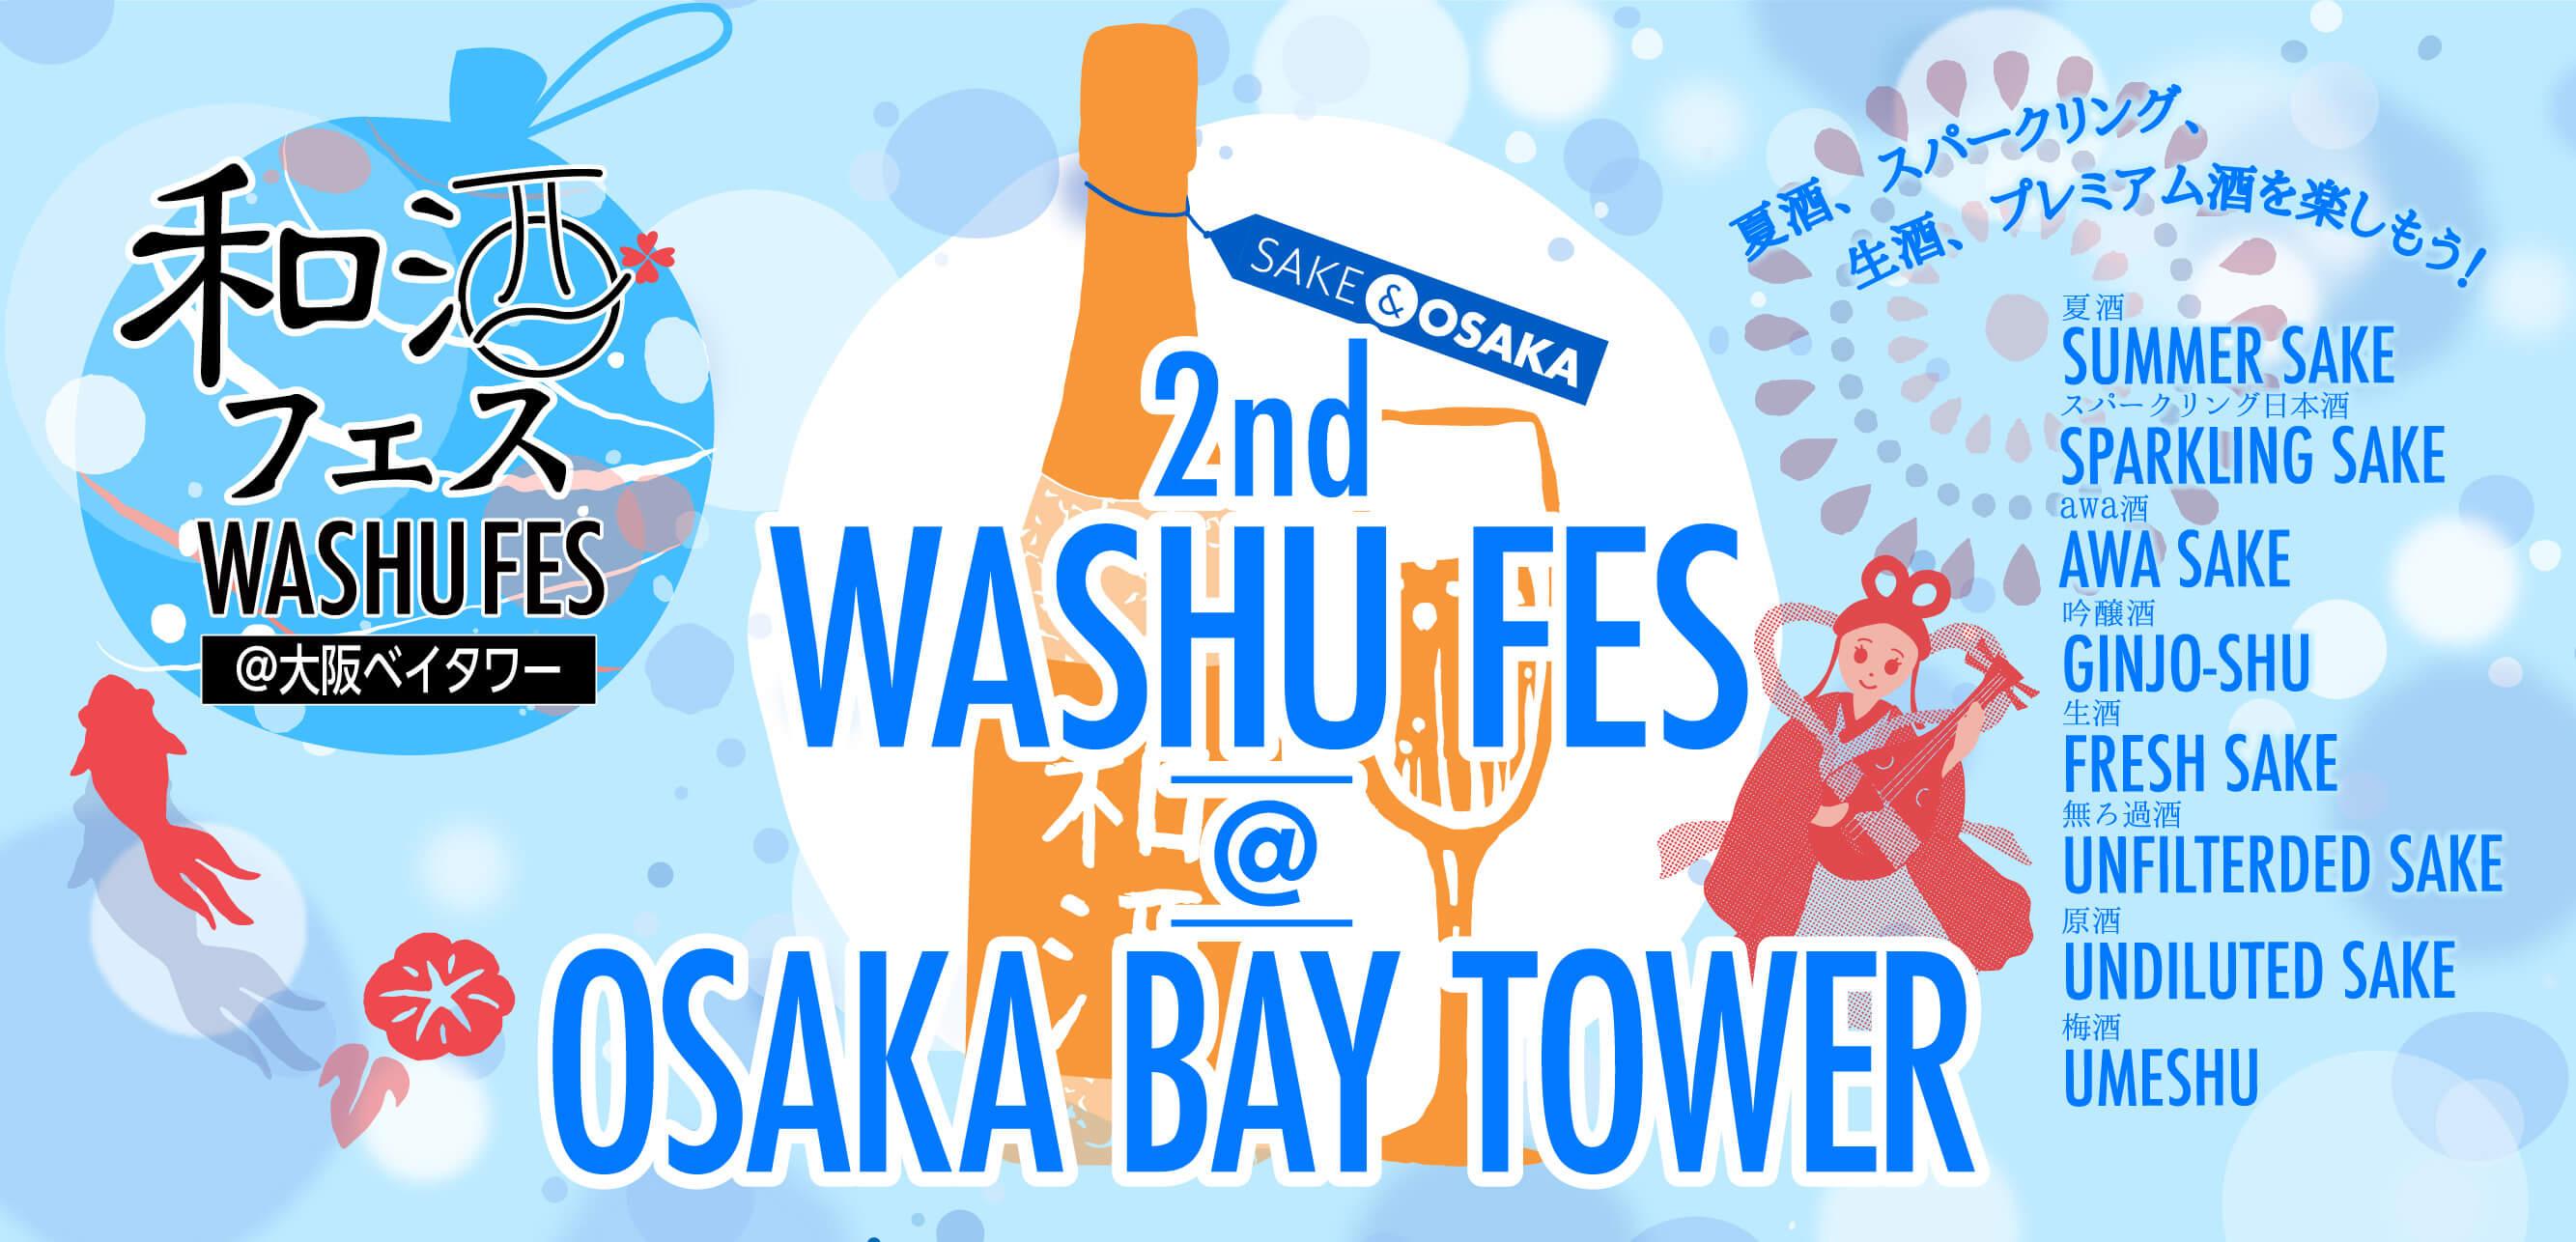 第二回和酒フェス@大阪ベイタワー